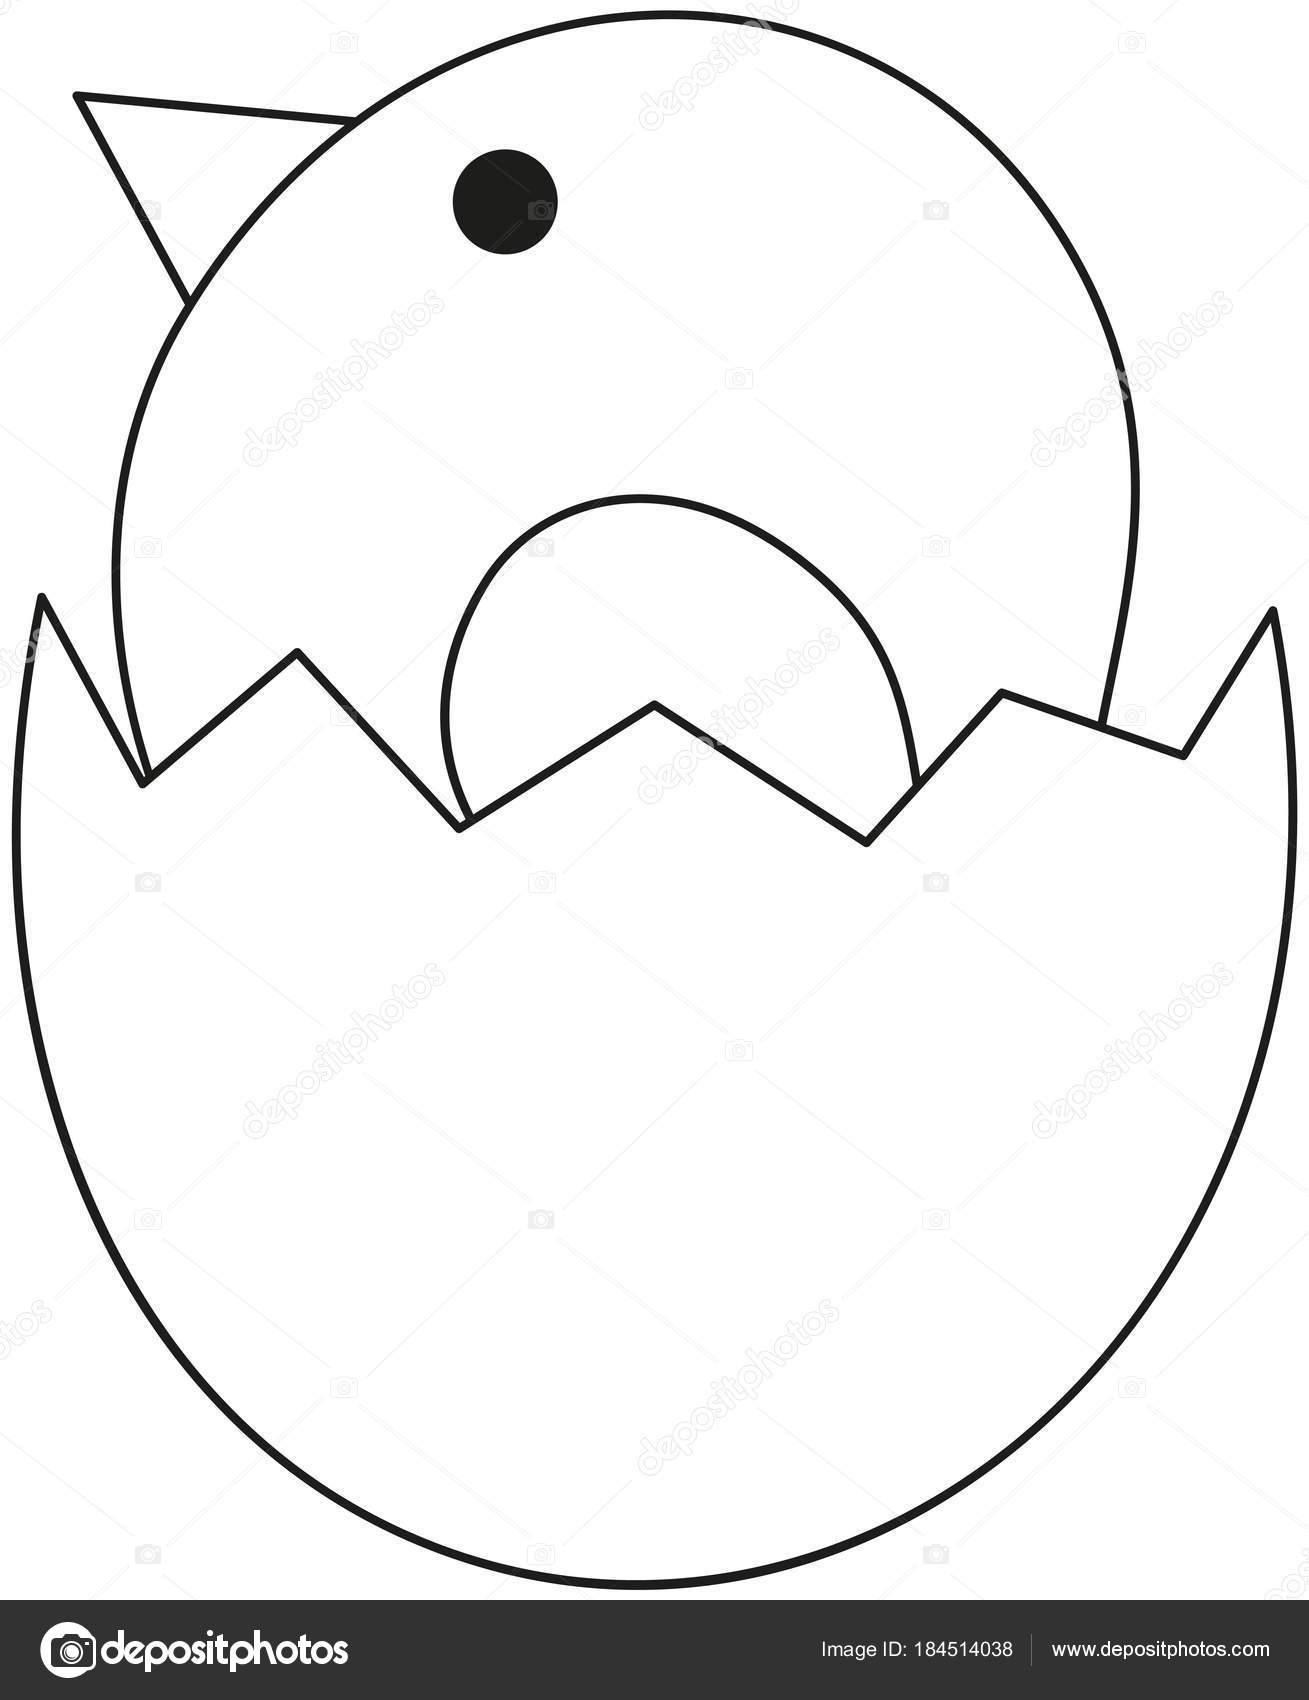 Hat Sanat Siyah Beyaz Yeni Doğan Tavuk Civciv Simgesi Poster Stok